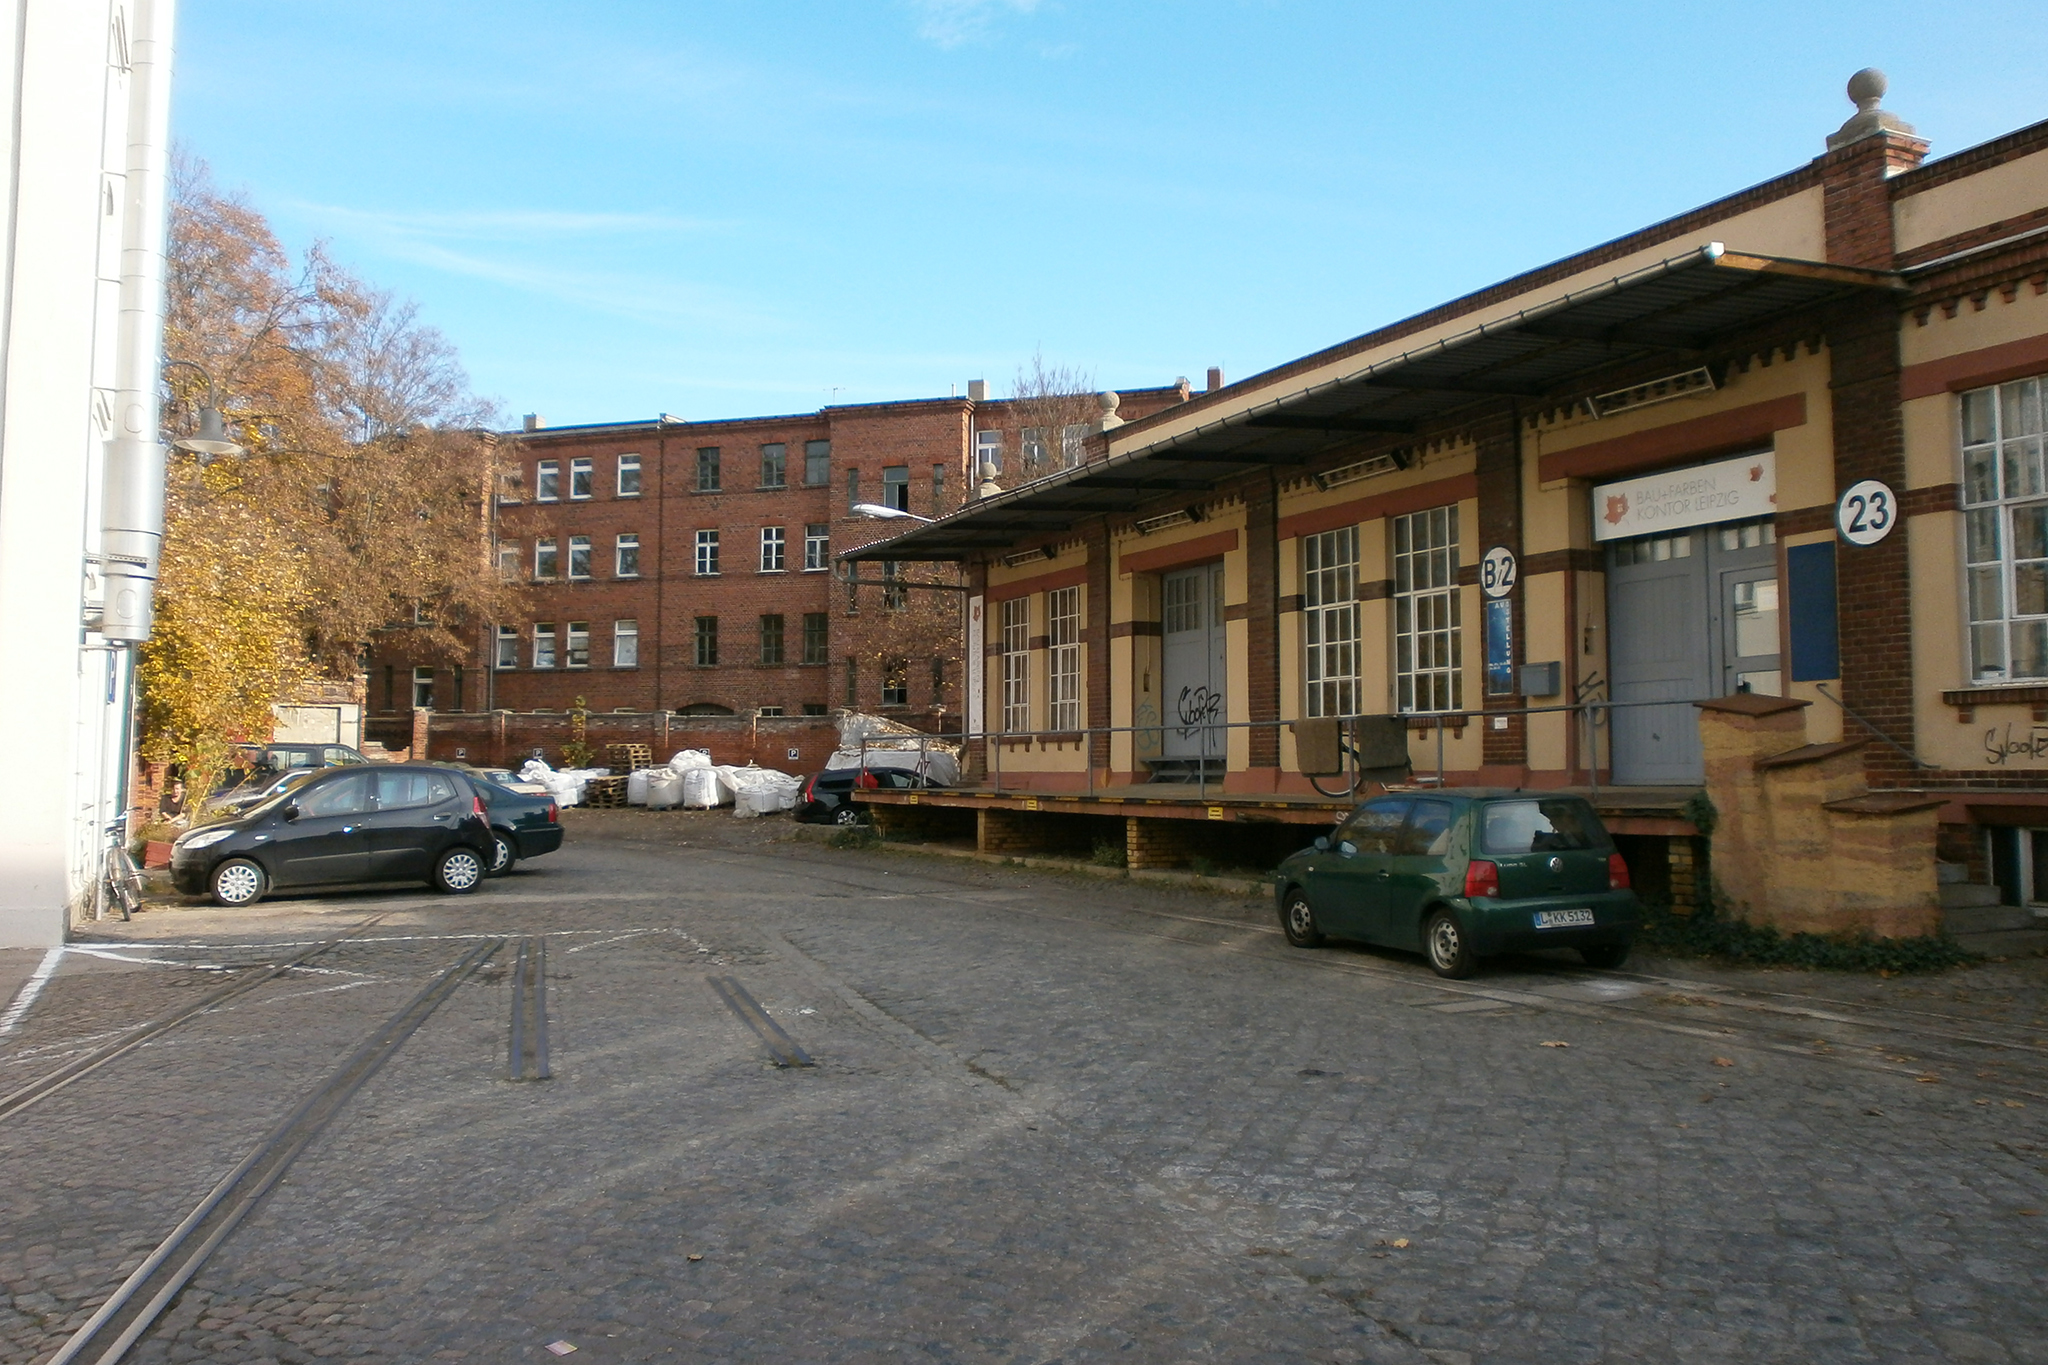 Leipzig's Baumwollspinnerei, eitw